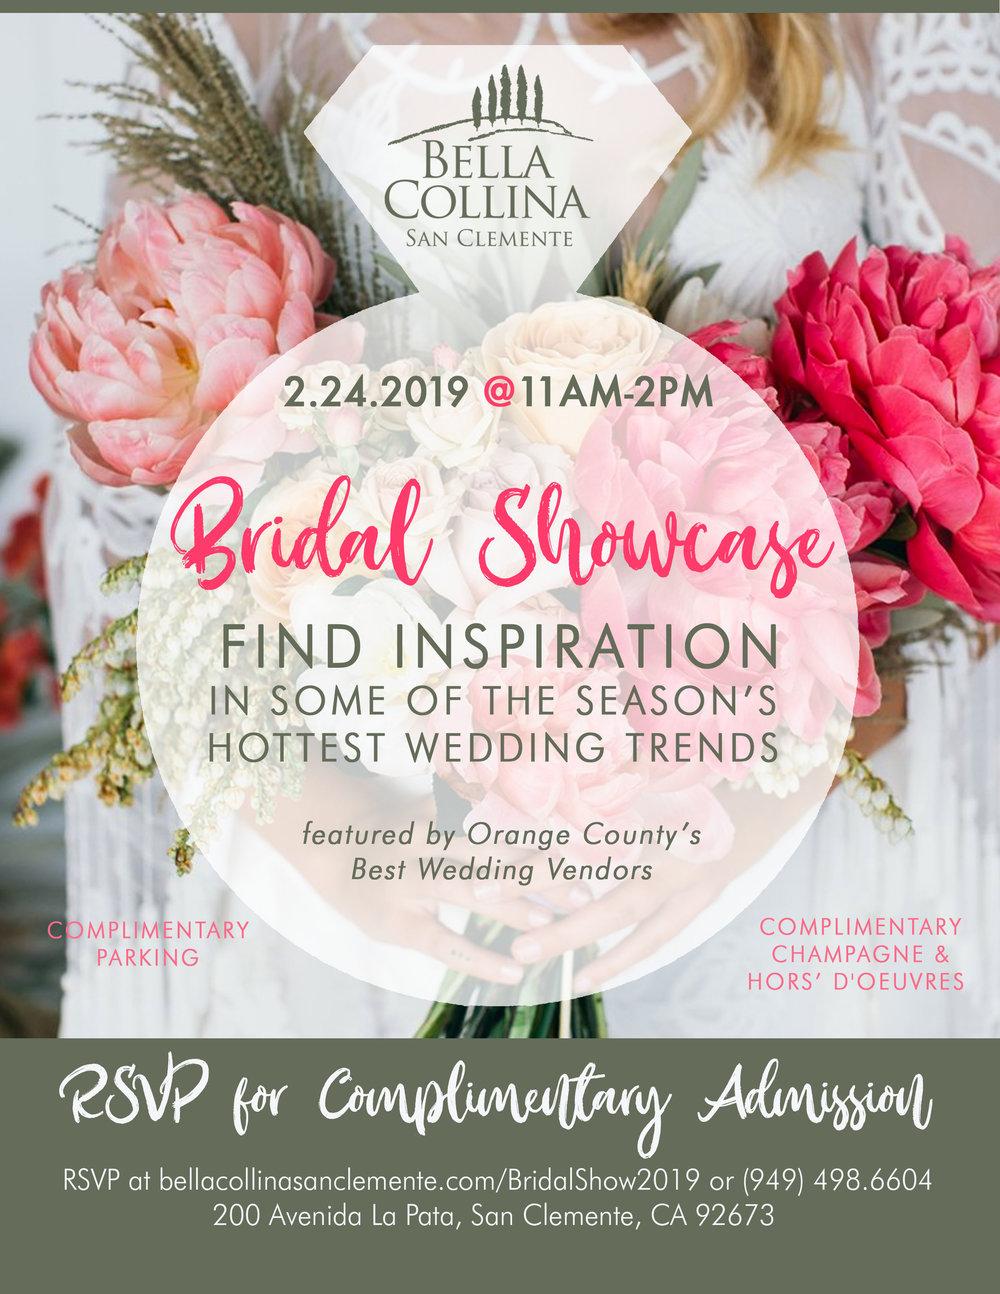 BridalShow2019-2.jpg